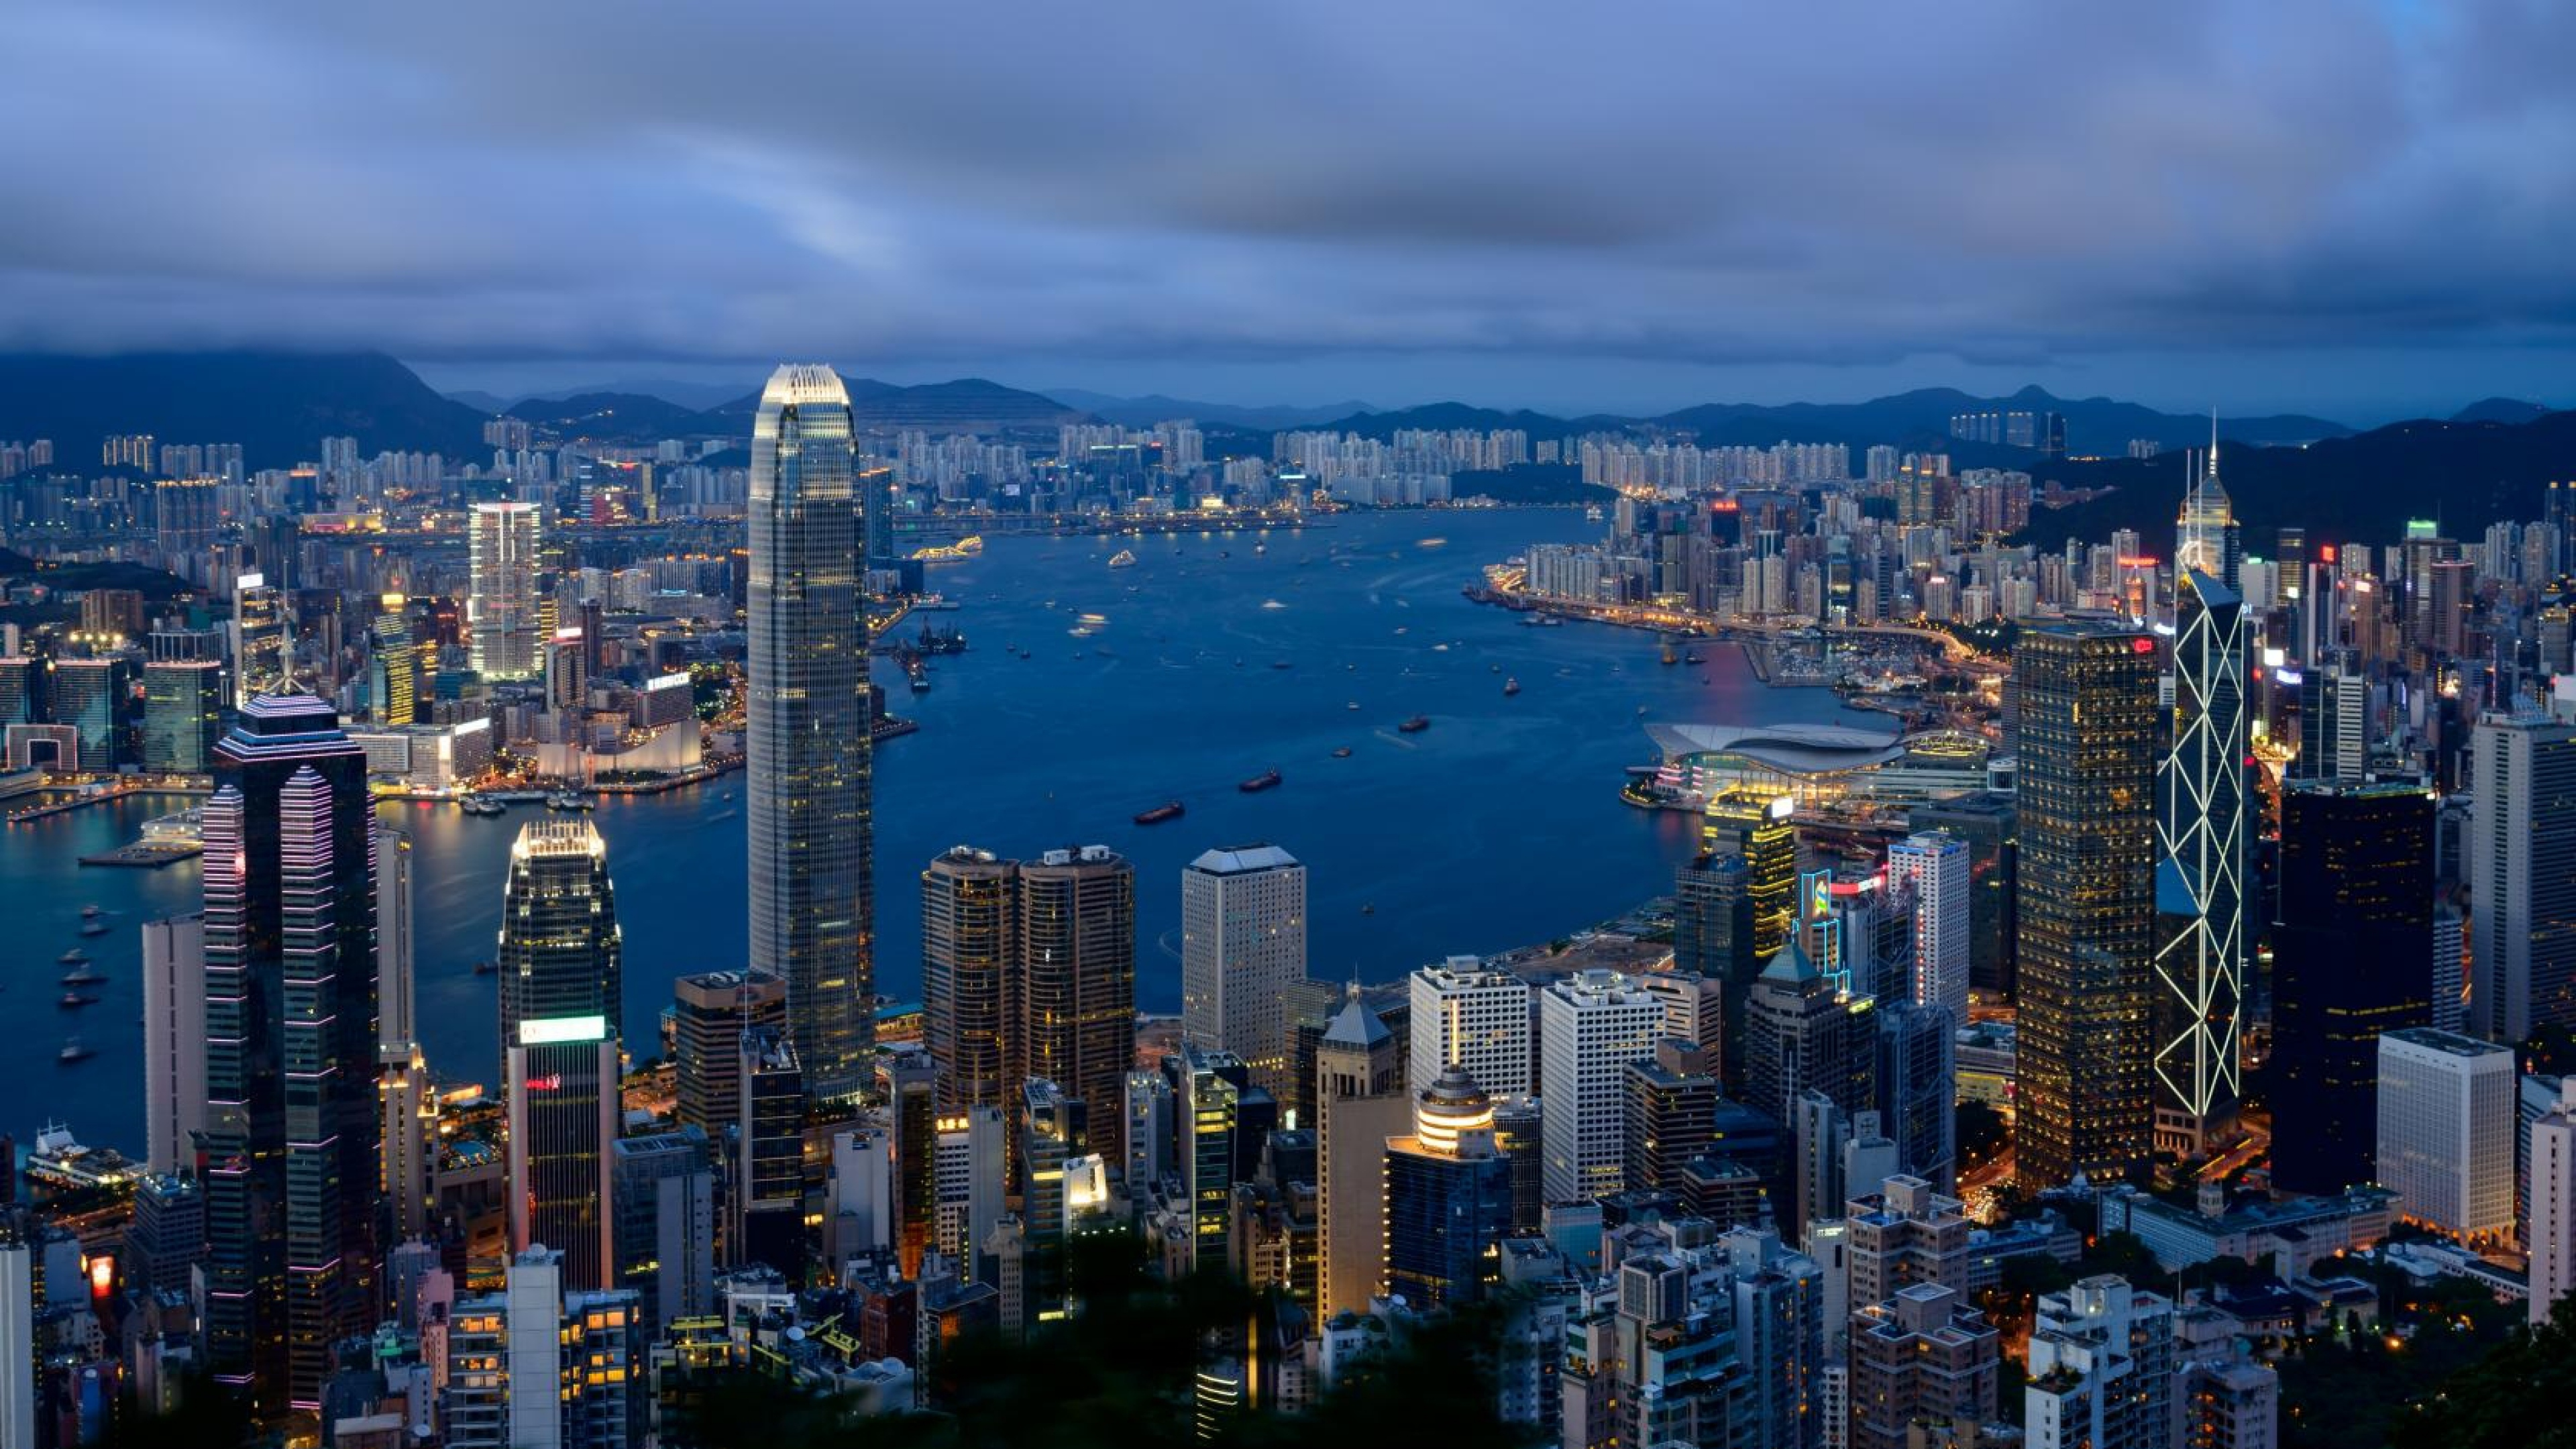 Hong Kong 4k Ultra HD Wallpaper And Background Image